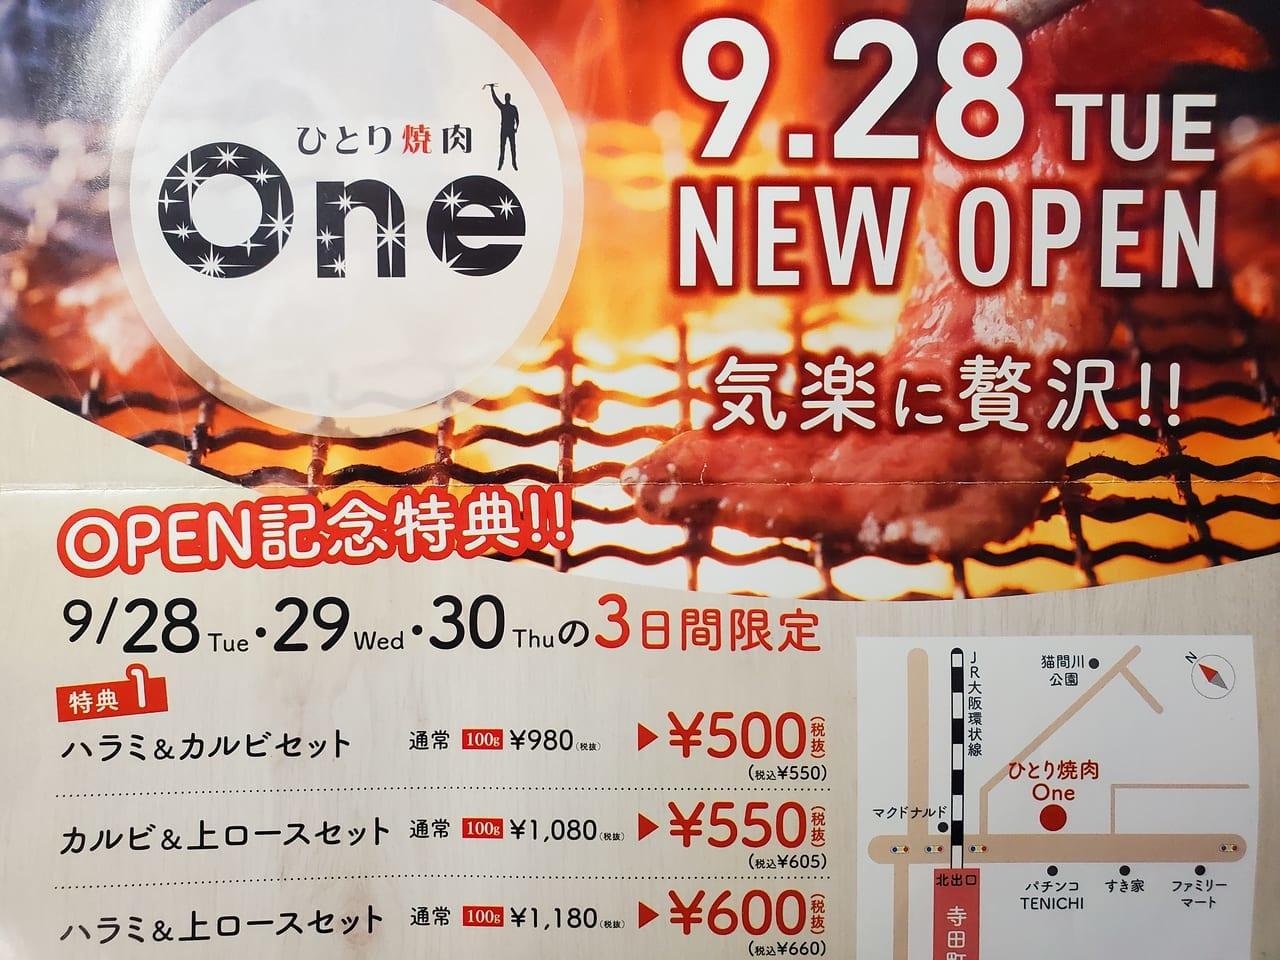 ひとり焼肉One